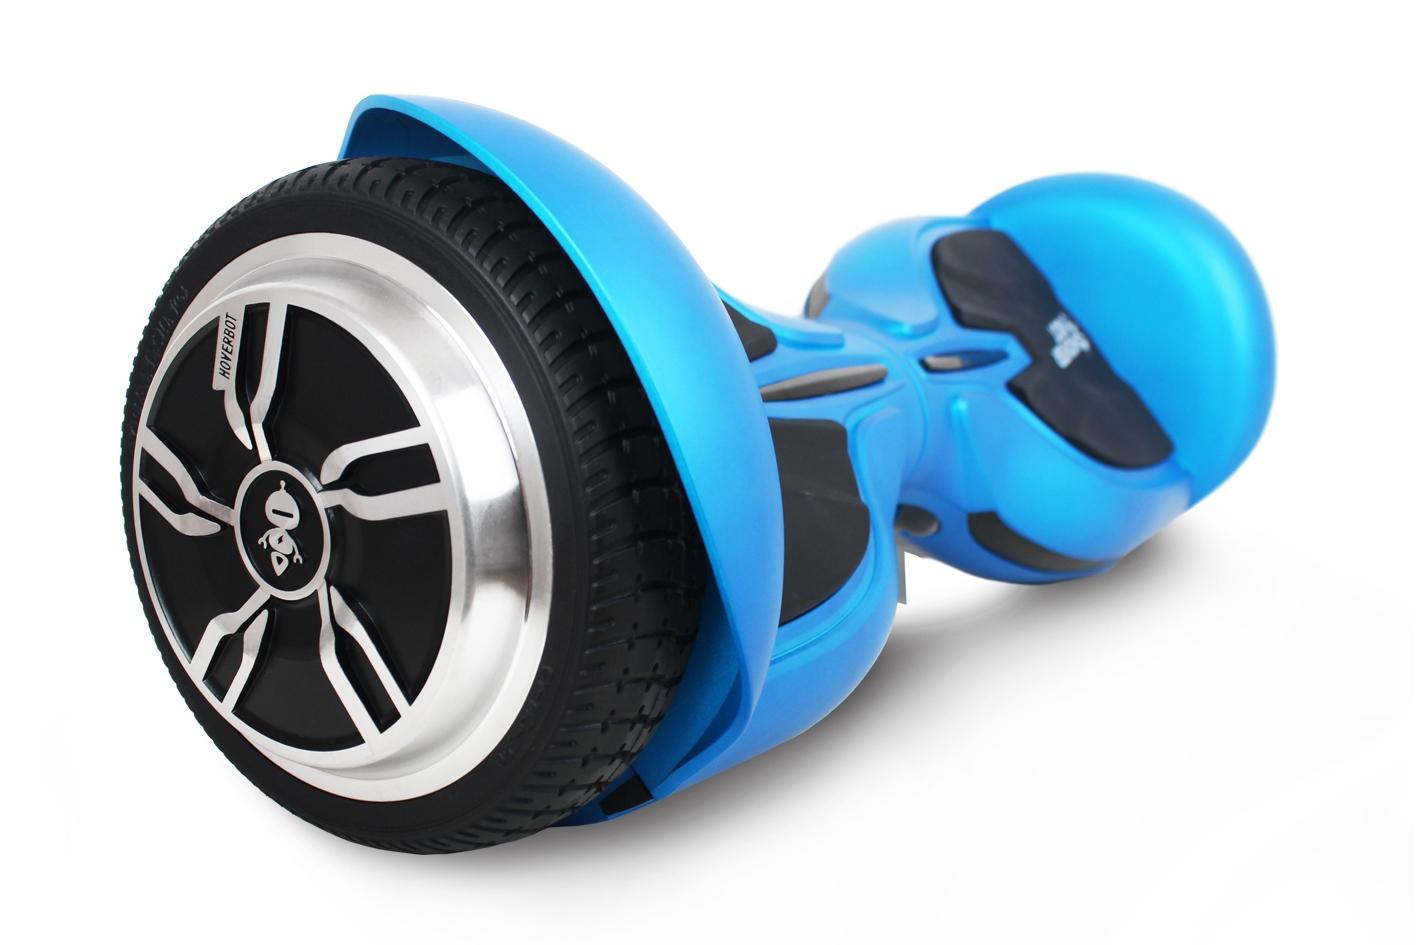 Гироскутер Hoverbot A-18 Premium красныйГИРОСКУТЕРЫ<br>Hoverbot A-18 - стильный современный гироскутер с уникальным дизайном. Матовый корпус со специальными вставками добавляют роскошный акцент устройству. Гироскутер удобно брать с собой благодаря размерам. Нескользящие педали - обязательная деталь каждого гироскутера – для вашей безопасности. Данная модель оснащена Bluetooth-передатчиком, который позволяет подключаться к любому гаджету и воспроизводить любимую музыку через встроенные колонки!Также встроен самобаланс: на устройство удобно вставать, т.к. выравнивание происходит автоматически. Обучение катанию проходит намного легче! С данной функцией вероятность того, что гироскутер покатится от вас, переворачиваясь и повреждаясь, минимальна. Сделайте себе замечательный подарок и наслаждайтесь прогулками!<br><br>бренд: HOVERBOT<br>год: 2018<br>рама: None<br>вилка: None<br>блокировка амортизатора: None<br>диаметр колес: 6,5<br>тормоза: None<br>уровень оборудования: None<br>количество скоростей: None<br>Цвет: красный<br>Размер: None